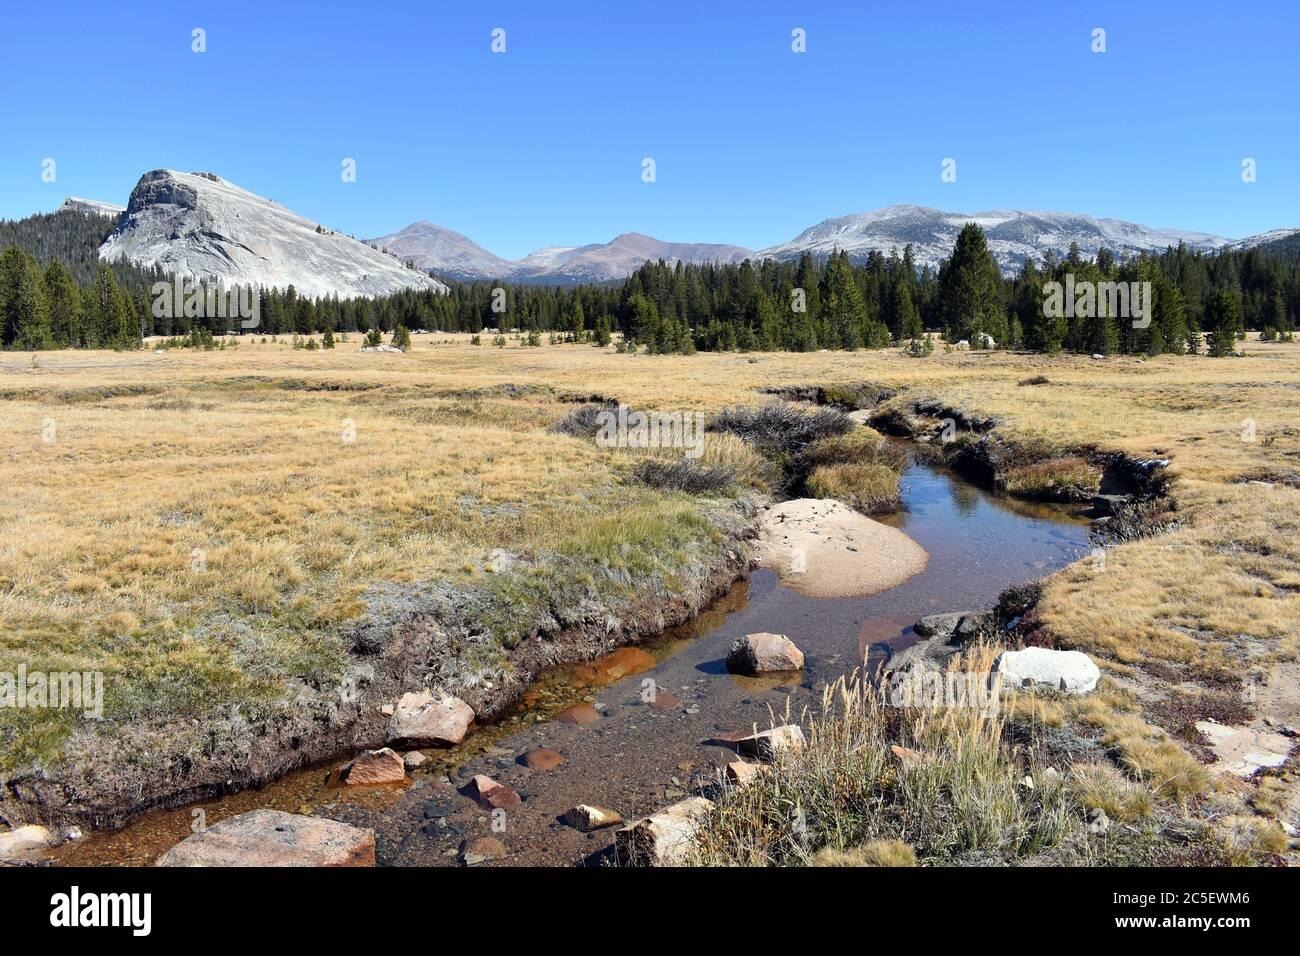 Vista de Tuolumne Meadows en otoño / otoño con Lembert Dome y el río Tuolumne rodeado de hierba amarilla. Parque Nacional Yosemite, California. Foto de stock